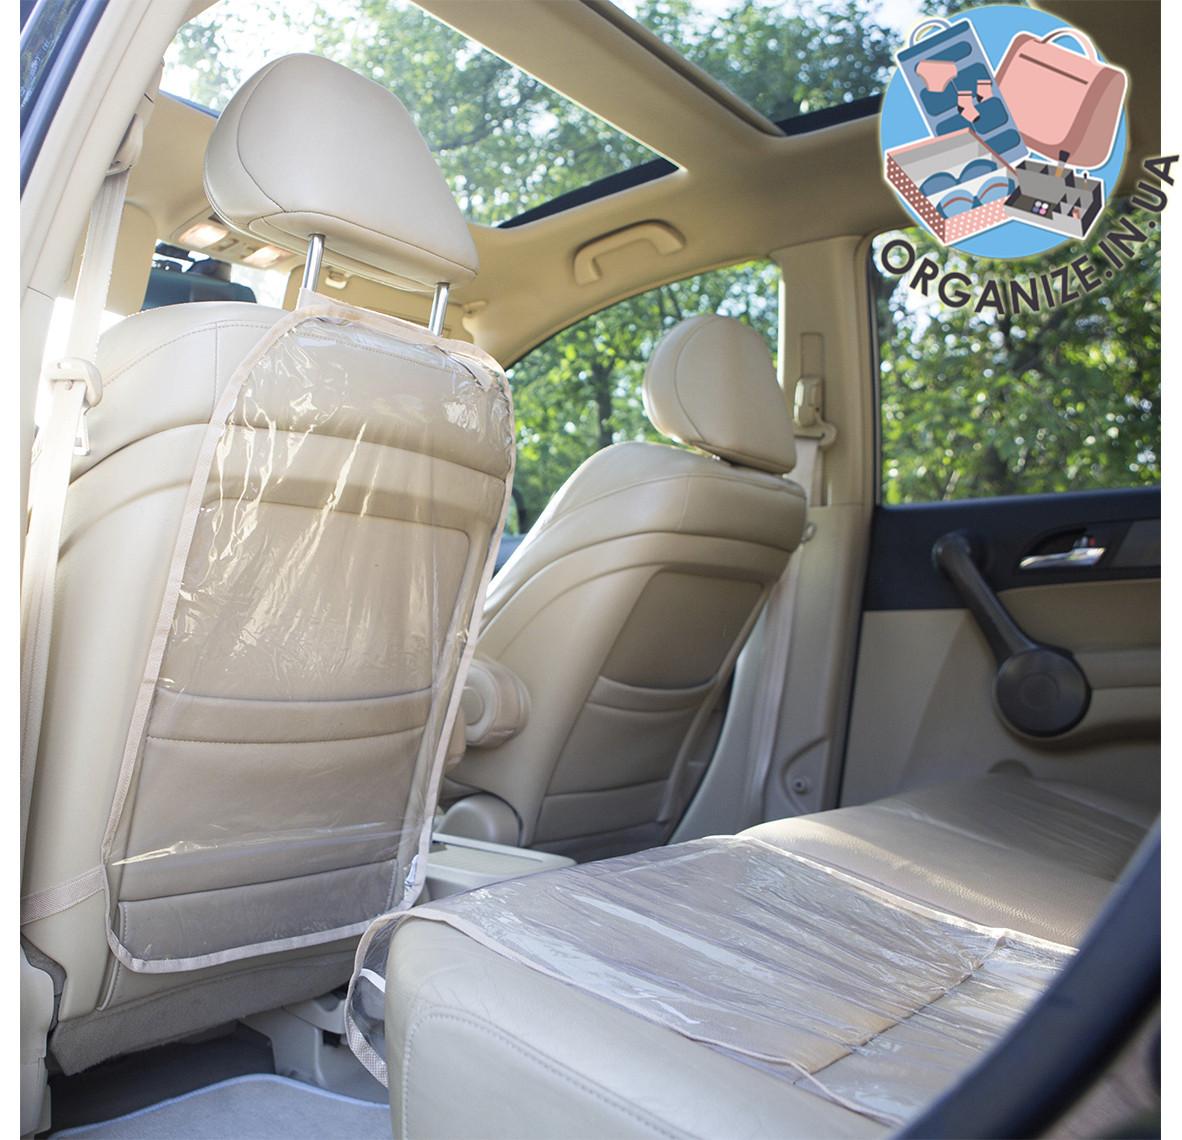 Комплект - Защитный чехол на спинку переднего сиденья автомобиля и сидушку (бежевый)